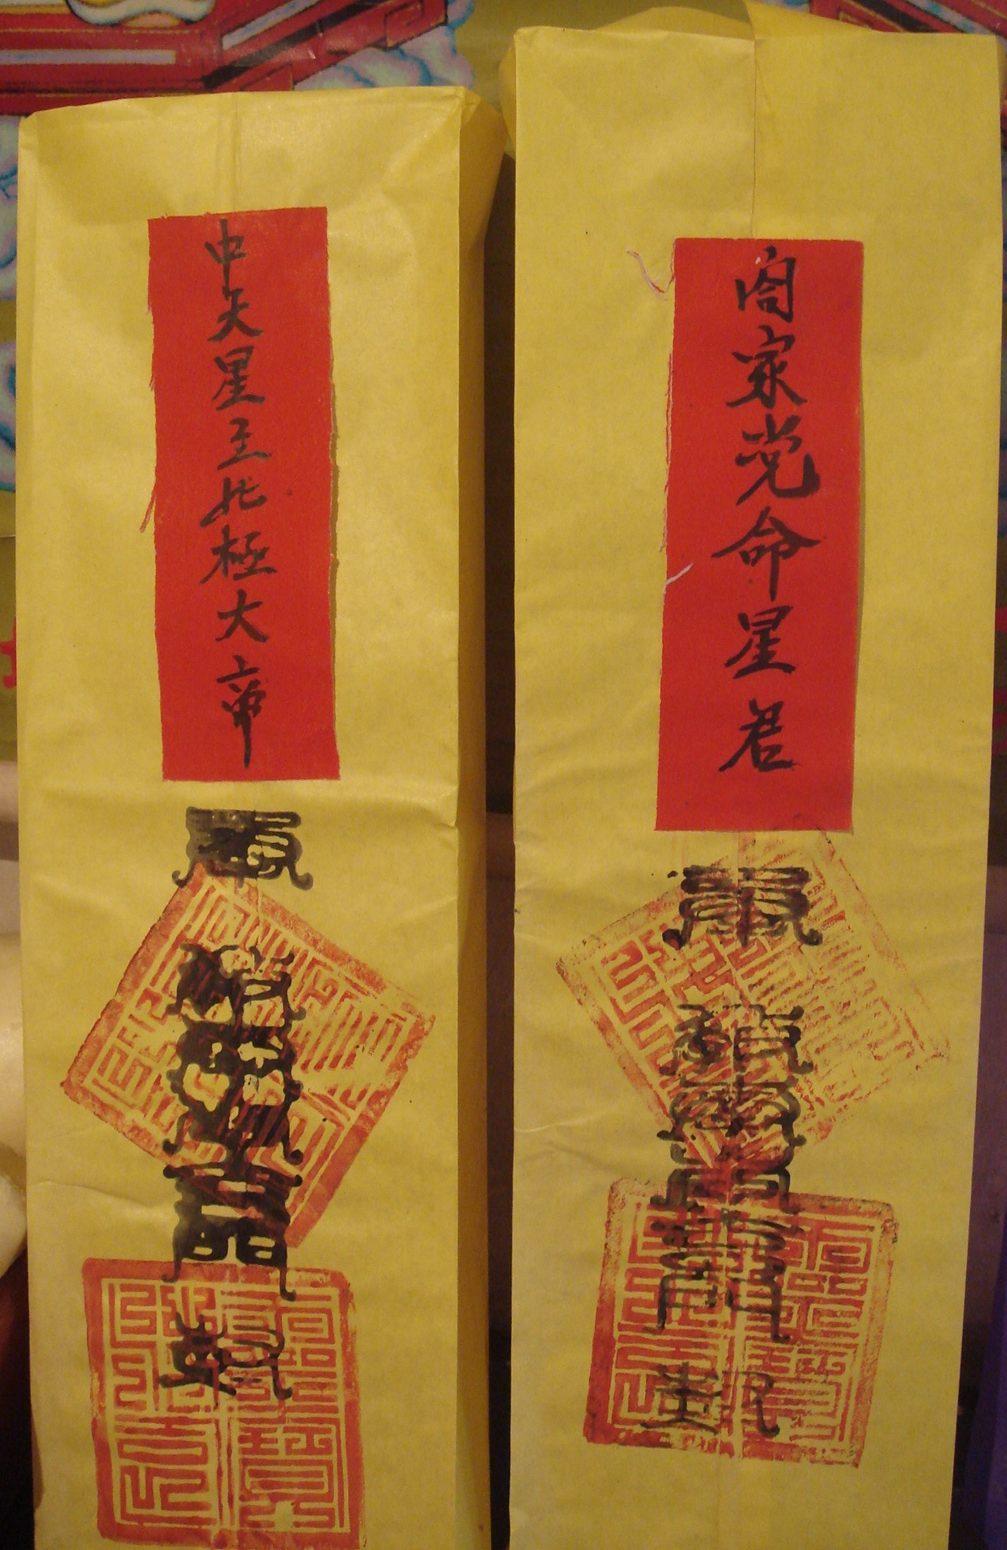 Wang band jiao envelopes